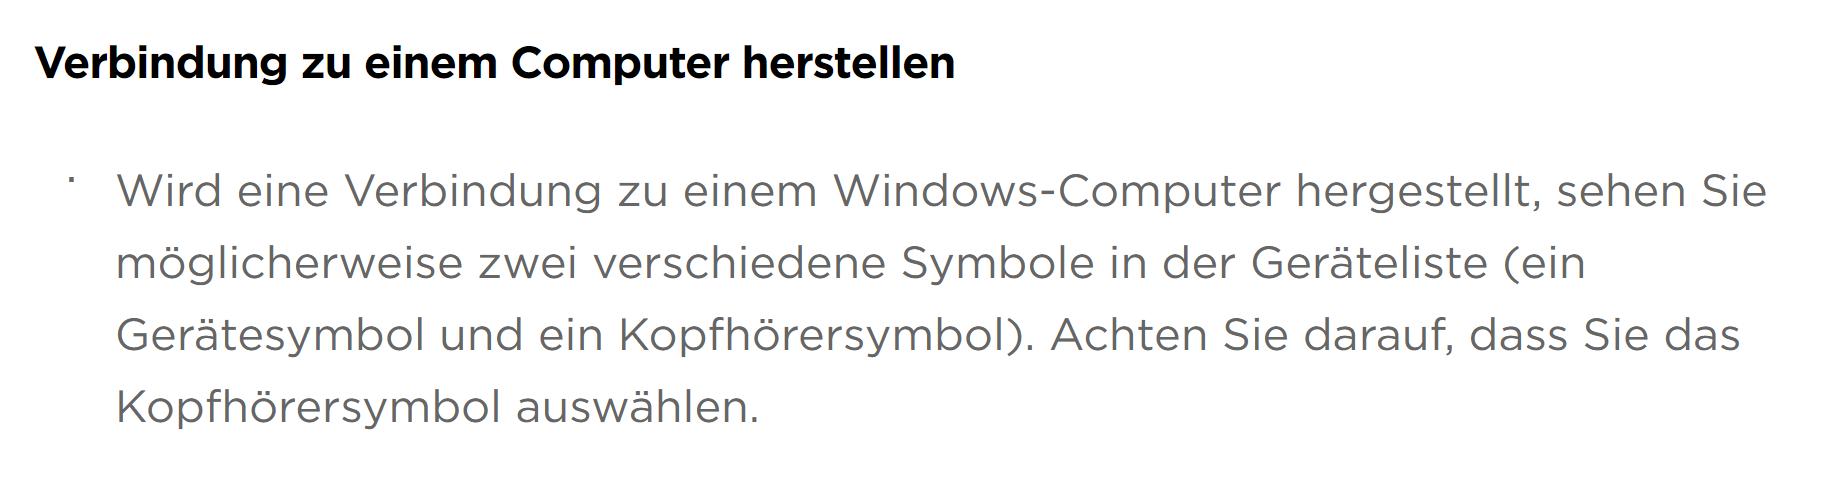 Verbindung zu einem Computer herstellen Wird eine Verbindung zu einem Windows-Computer hergestellt, sehen Sie möglicherweise zwei verschiedene Symbole in der Geräteliste (ein Gerätesymbol und ein Kopfhörersymbol). Achten Sie darauf, dass Sie das Kopfhörersymbol auswählen.